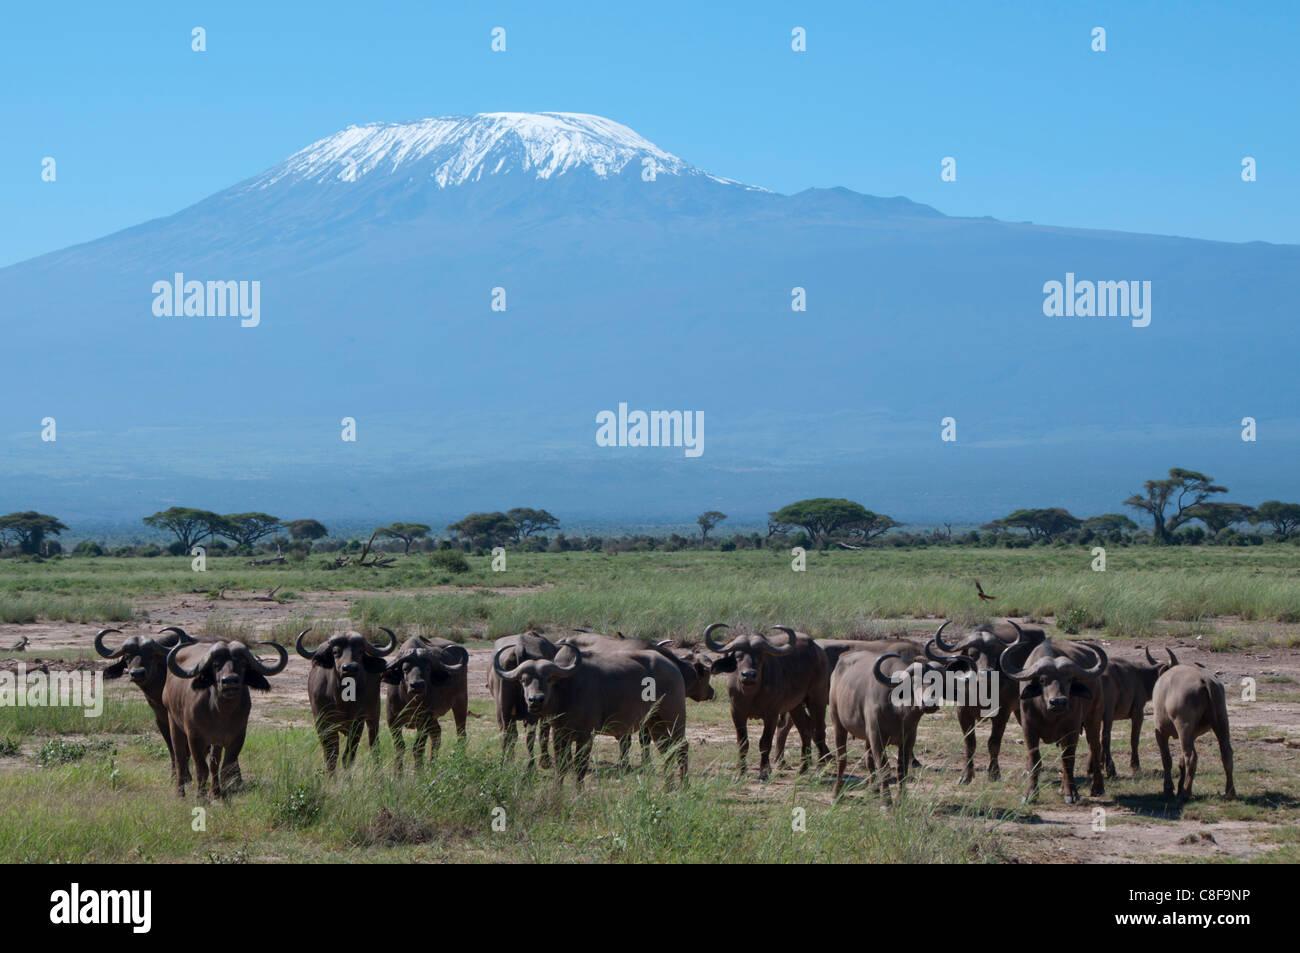 Cape buffalo, Amboseli National Park, with Mount Kilimanjaro in the background, Kenya, East Africa - Stock Image